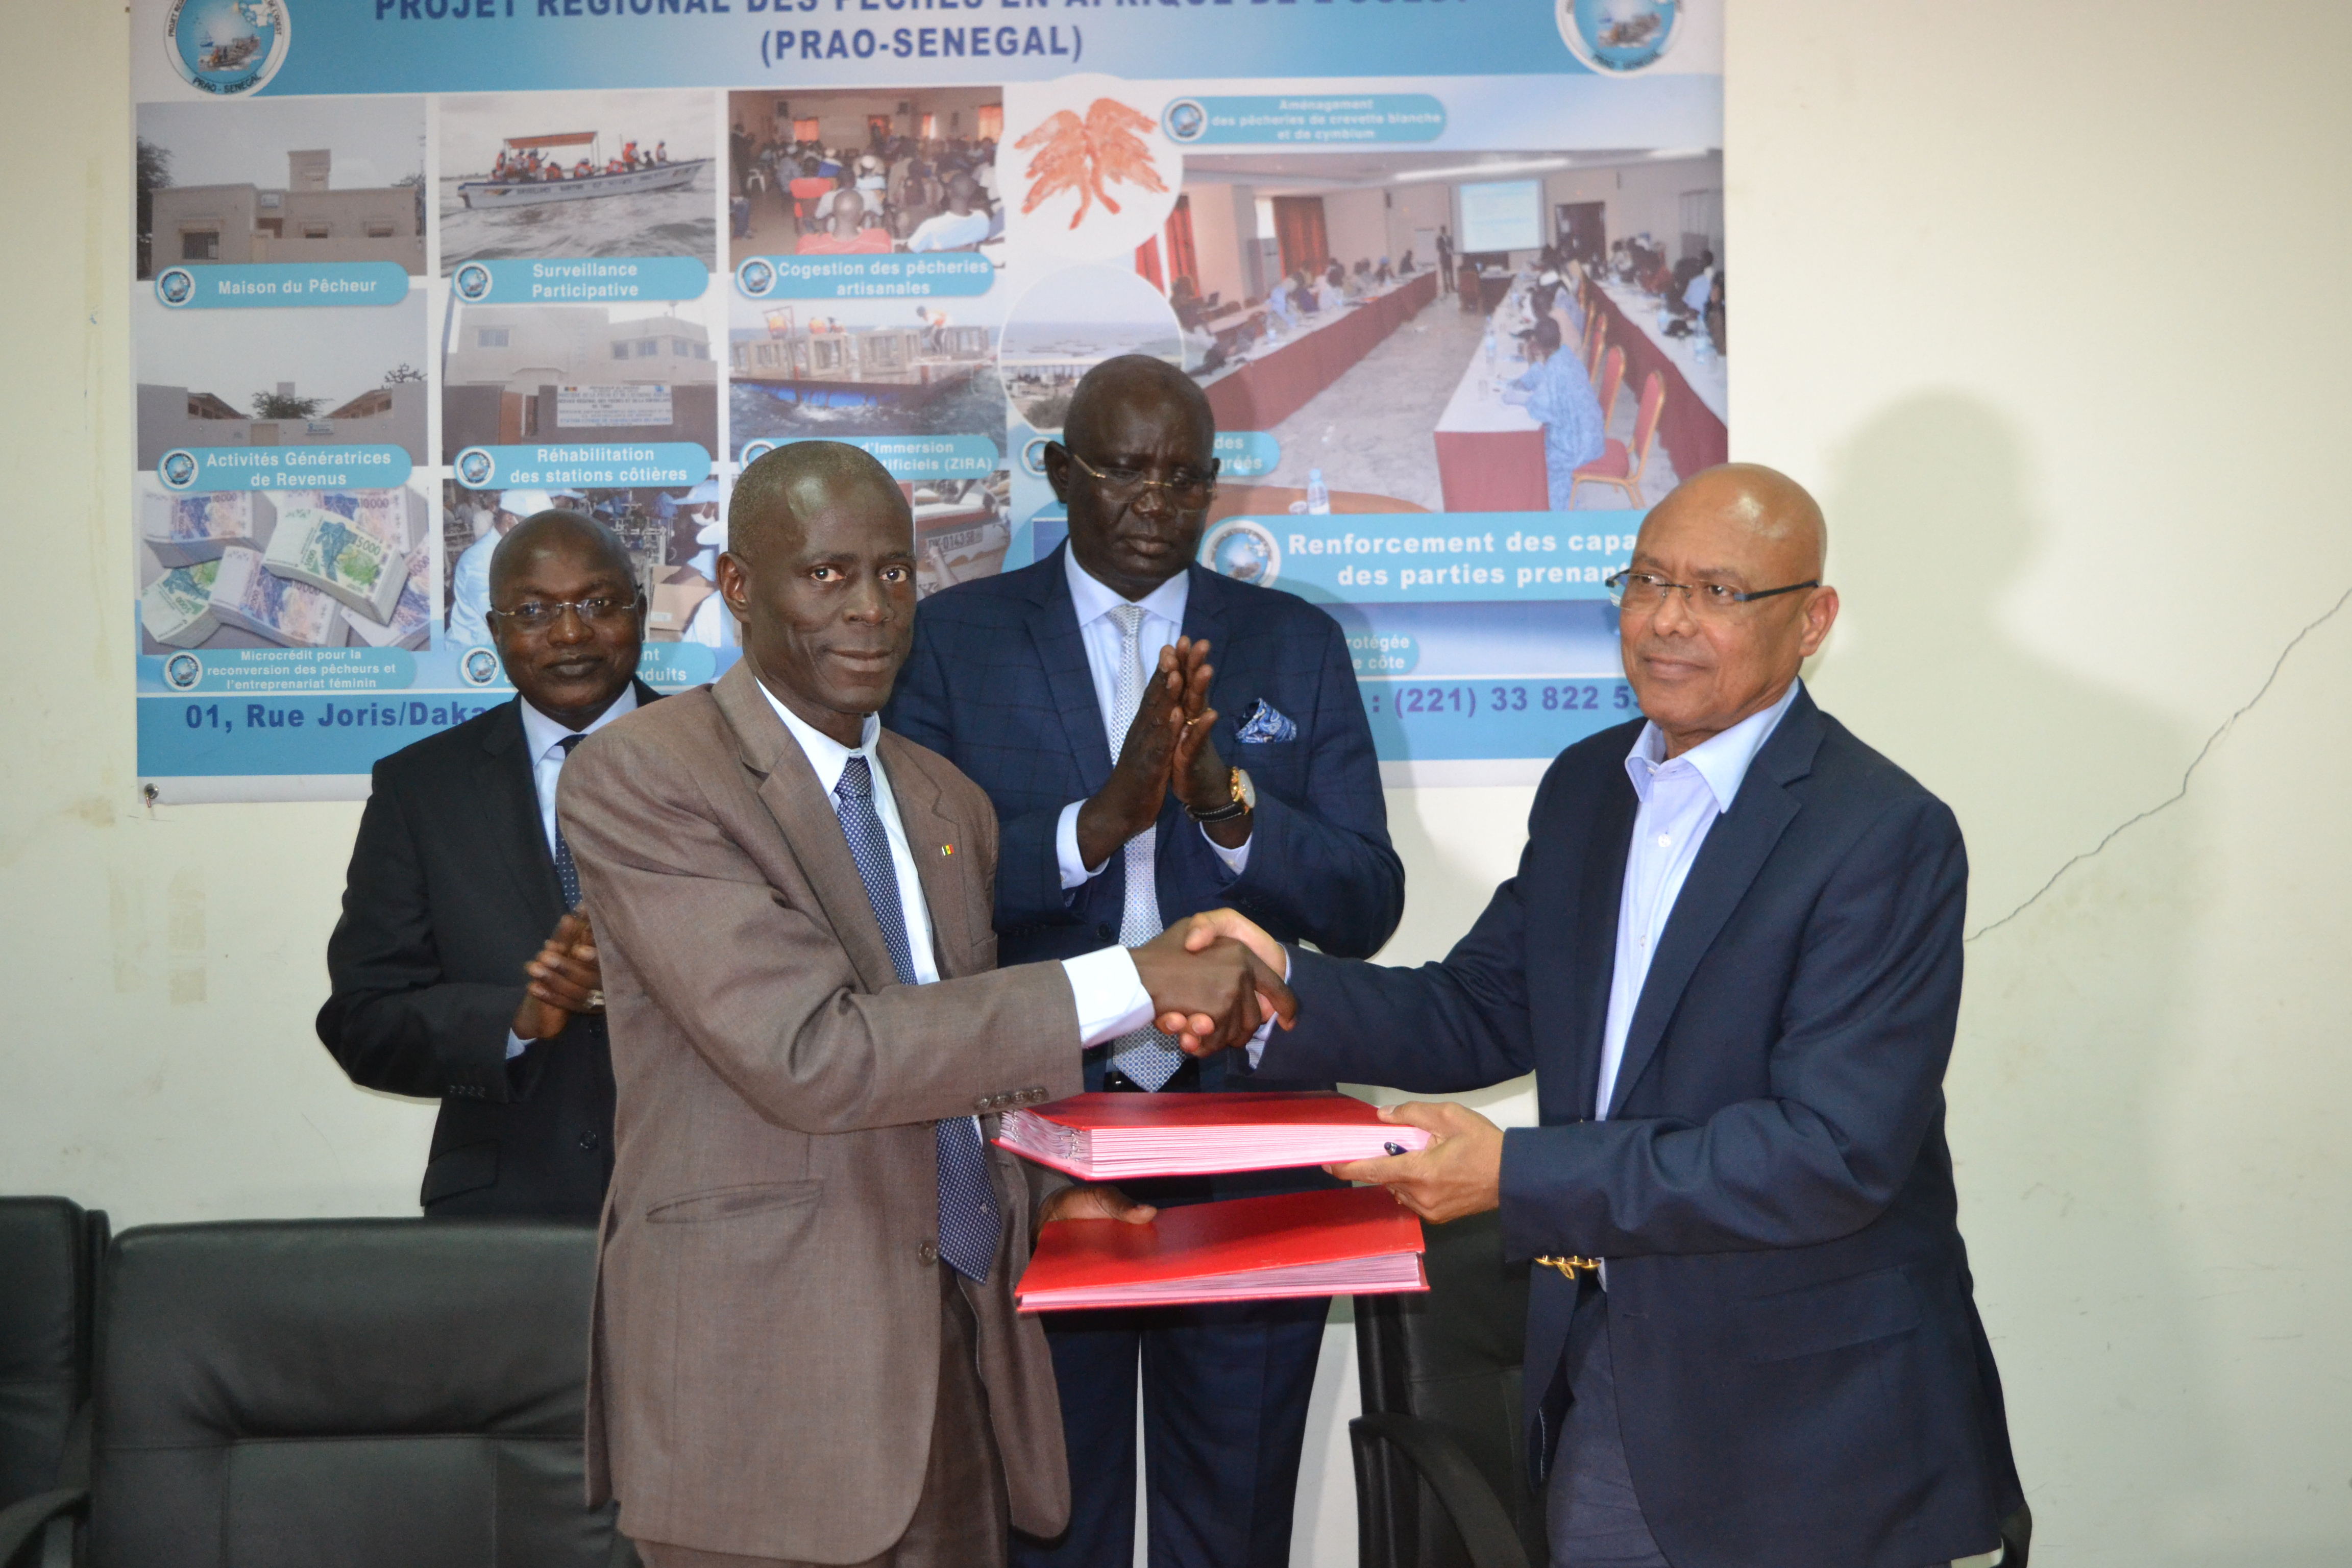 Coopération bilatérale en matière de pêche : un nouveau protocole entre la Guinée-Bissau et le Sénégal